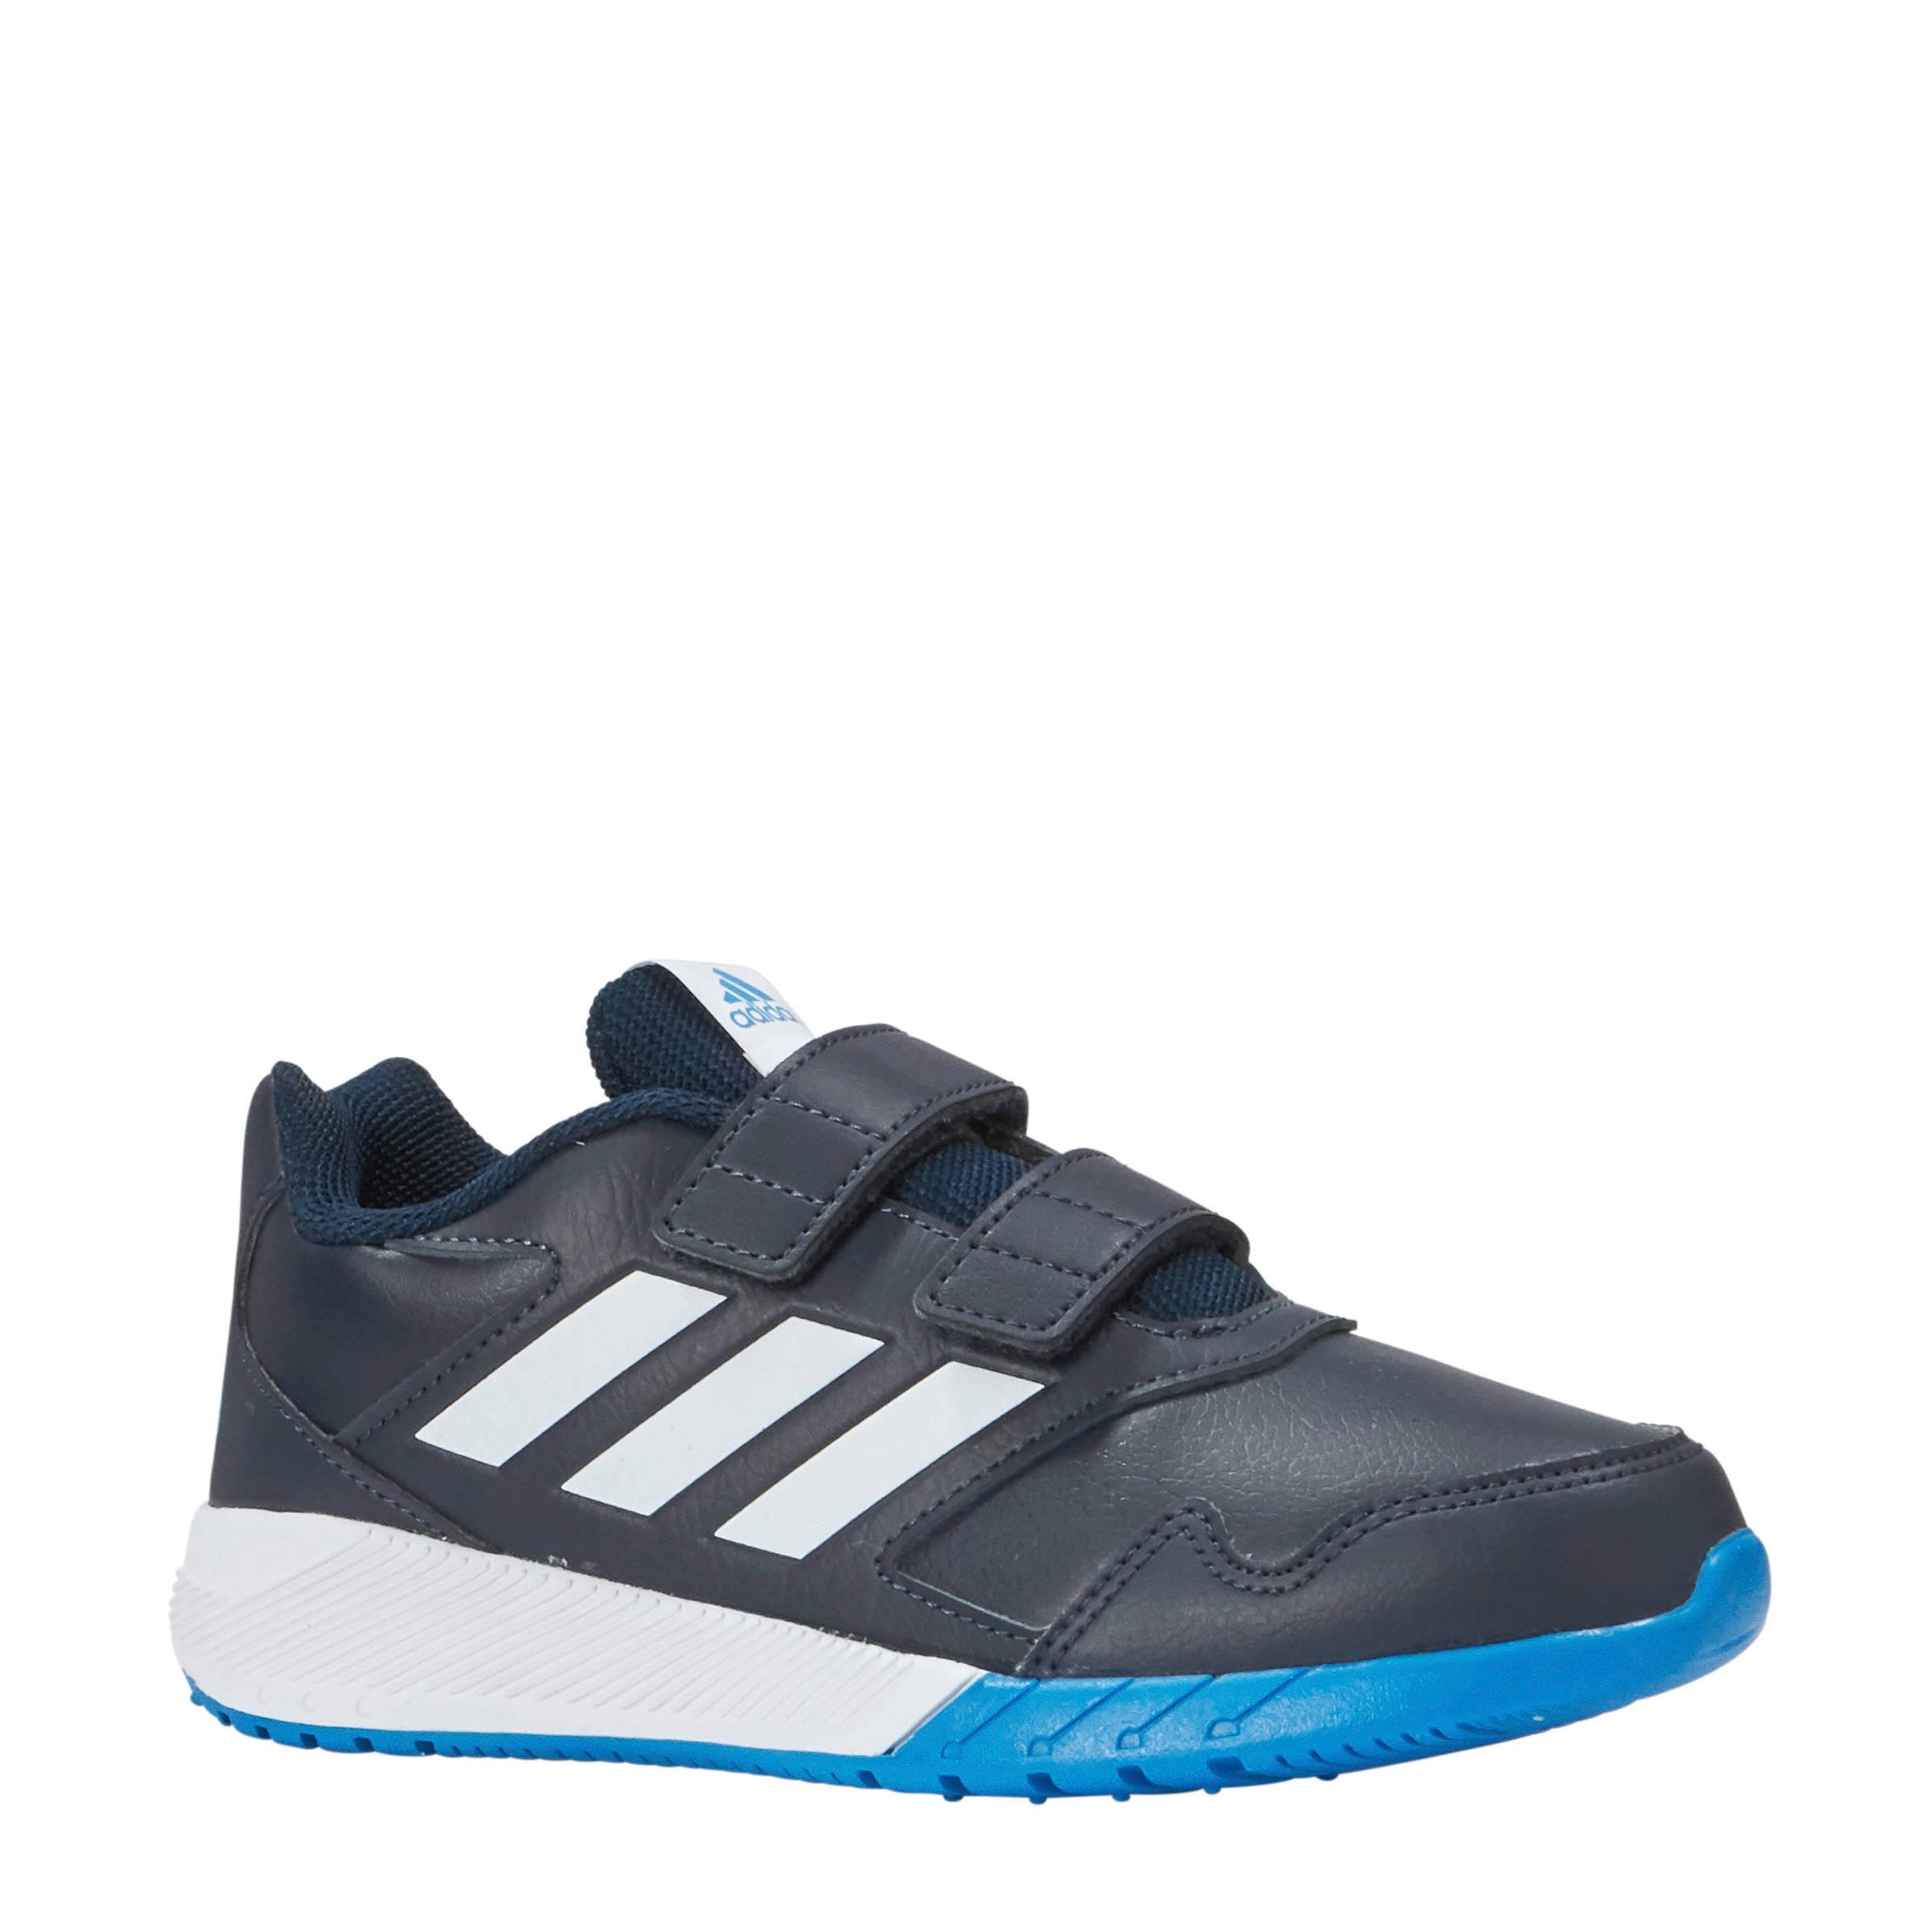 AltaRun K sportschoenen zwartblauw kids